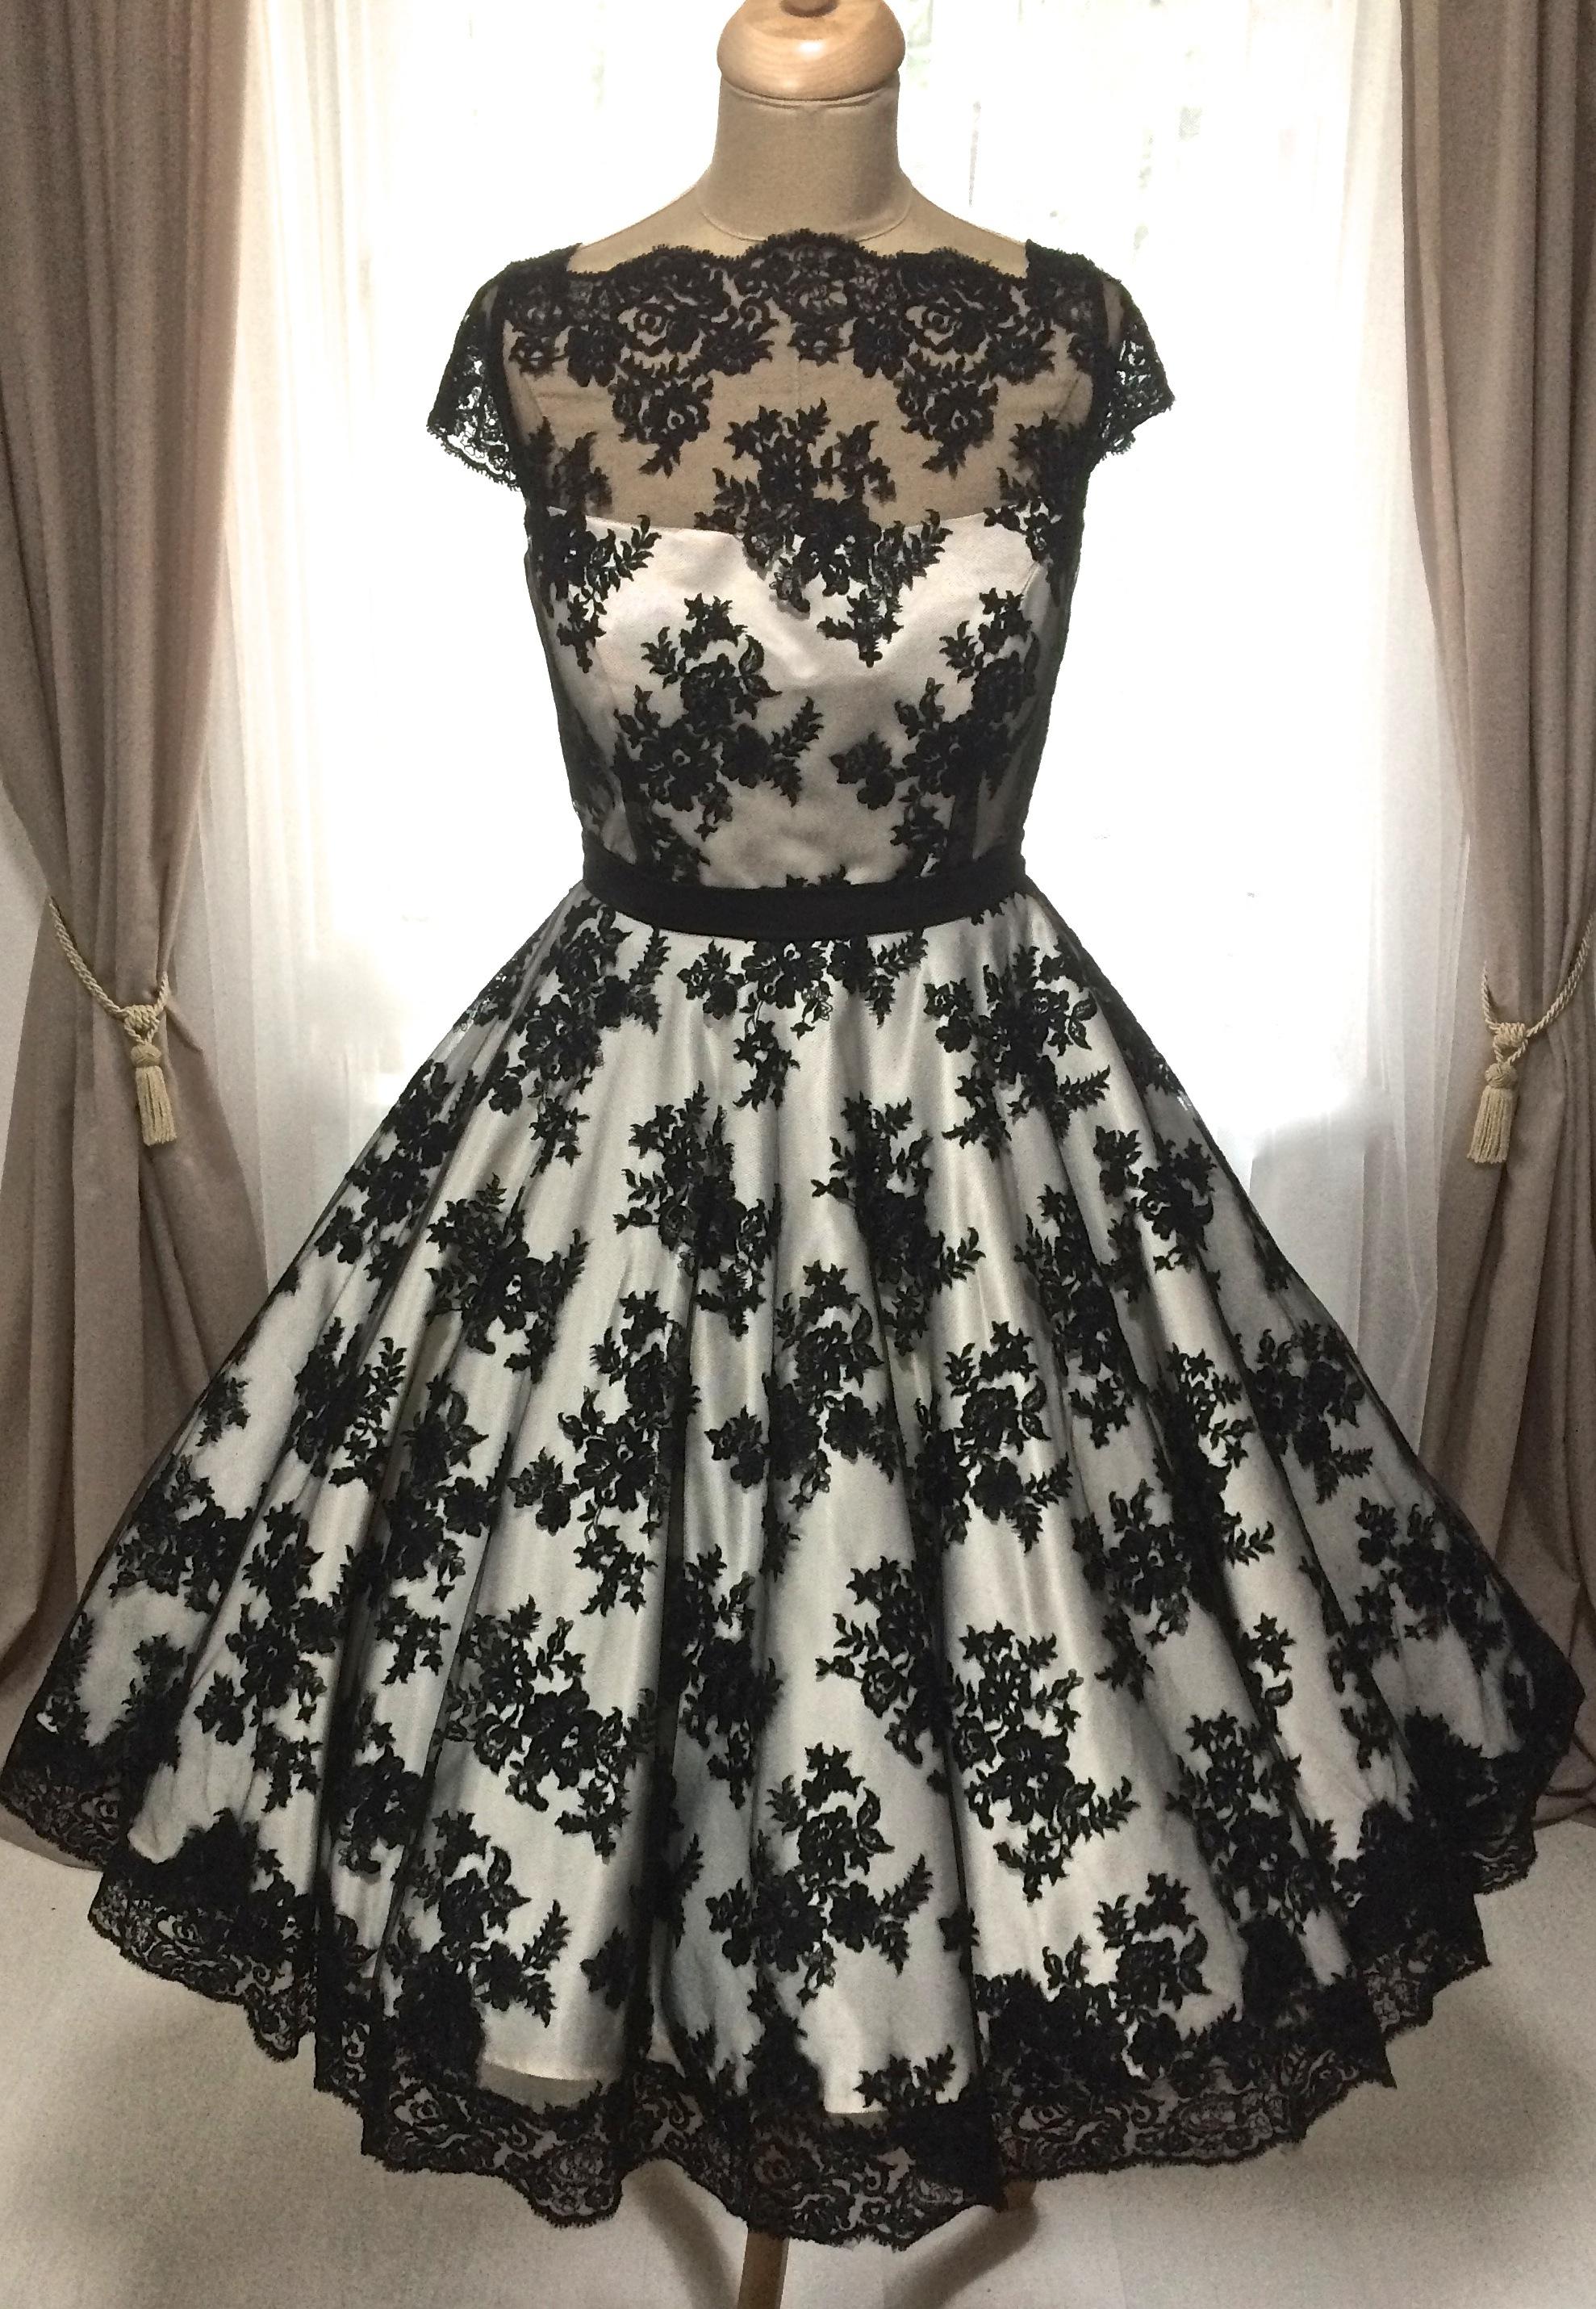 Korzetové retro šaty s černou krajkou - více barev Barva jako na obrázku, 38